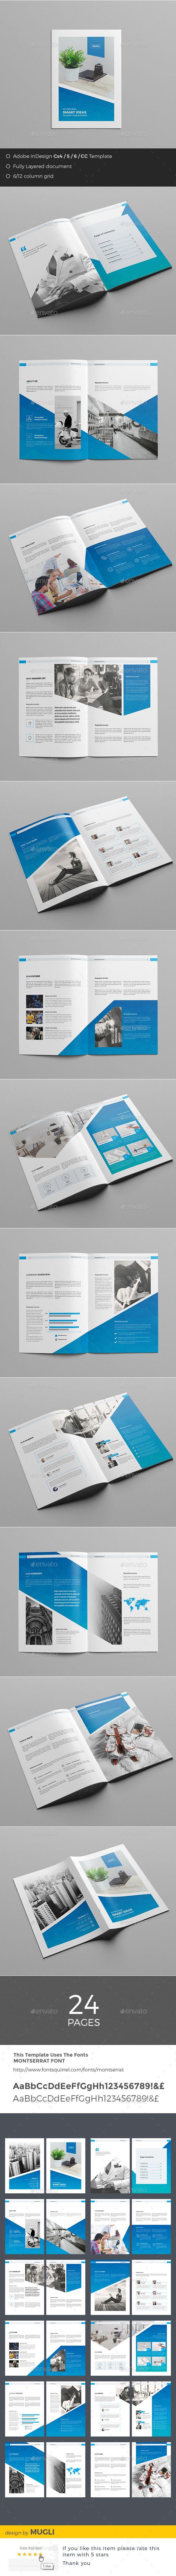 M Brochure | Portafolio